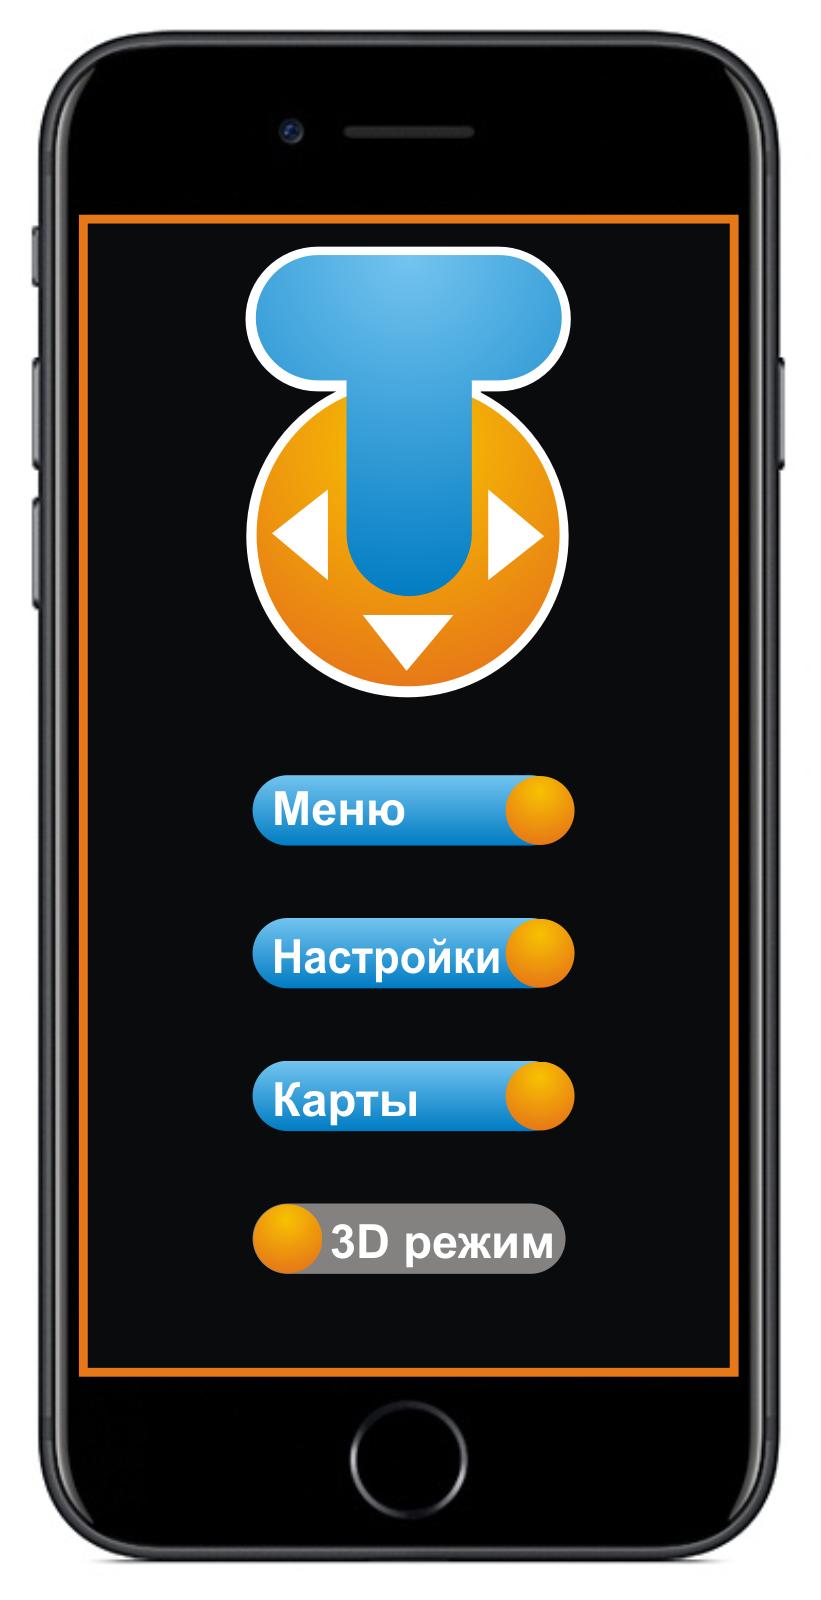 Разработать логотип и экран загрузки приложения фото f_7525a8f6ed5df12c.png